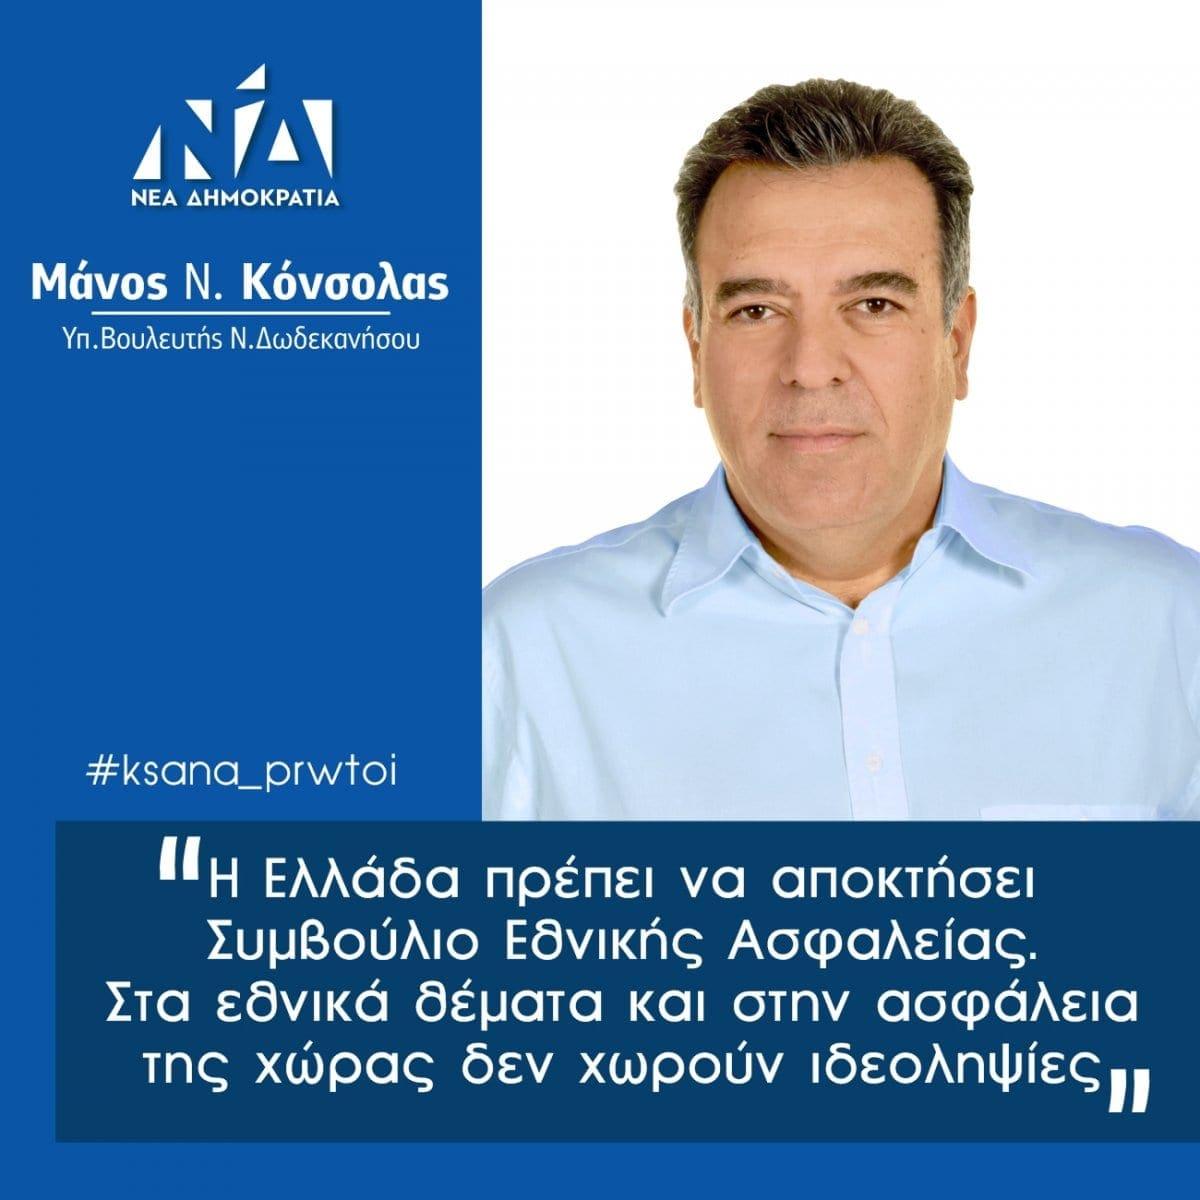 «Η Ελλάδα πρέπει να αποκτήσει Συμβούλιο Εθνικής Ασφαλείας. Στα εθνικά θέματα και στην ασφάλεια της χώρας δεν χωρούν ιδεοληψίες»